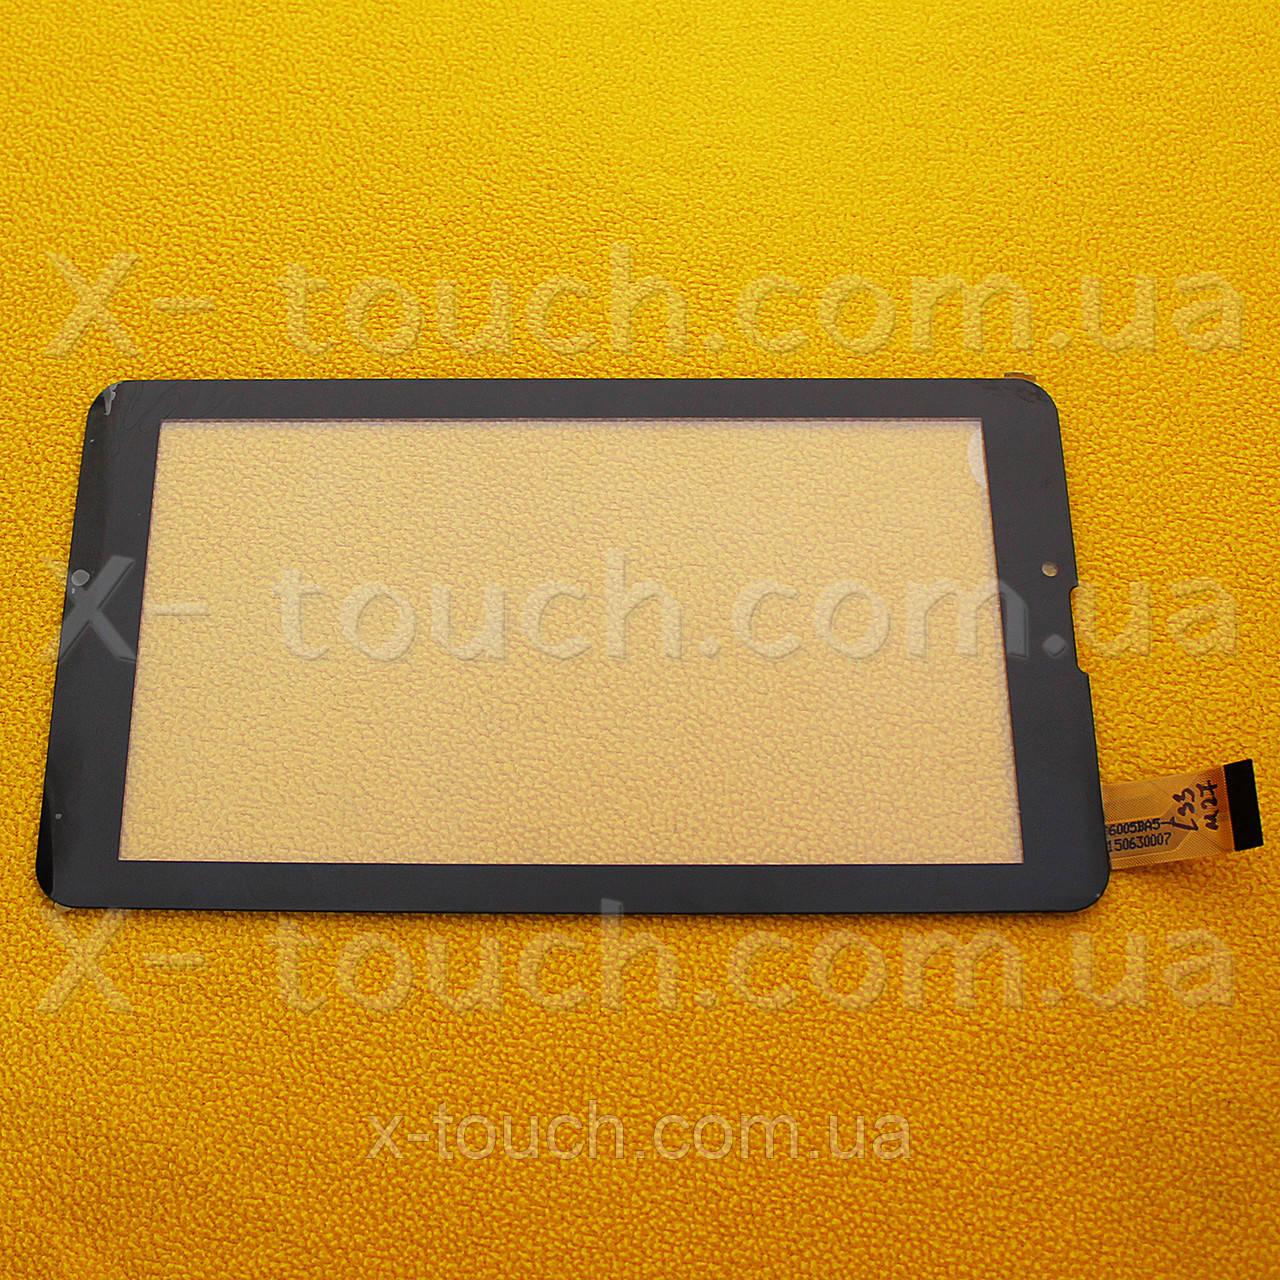 TYF1176V3 cенсор, тачскрин 7,0 дюймов, цвет черный.